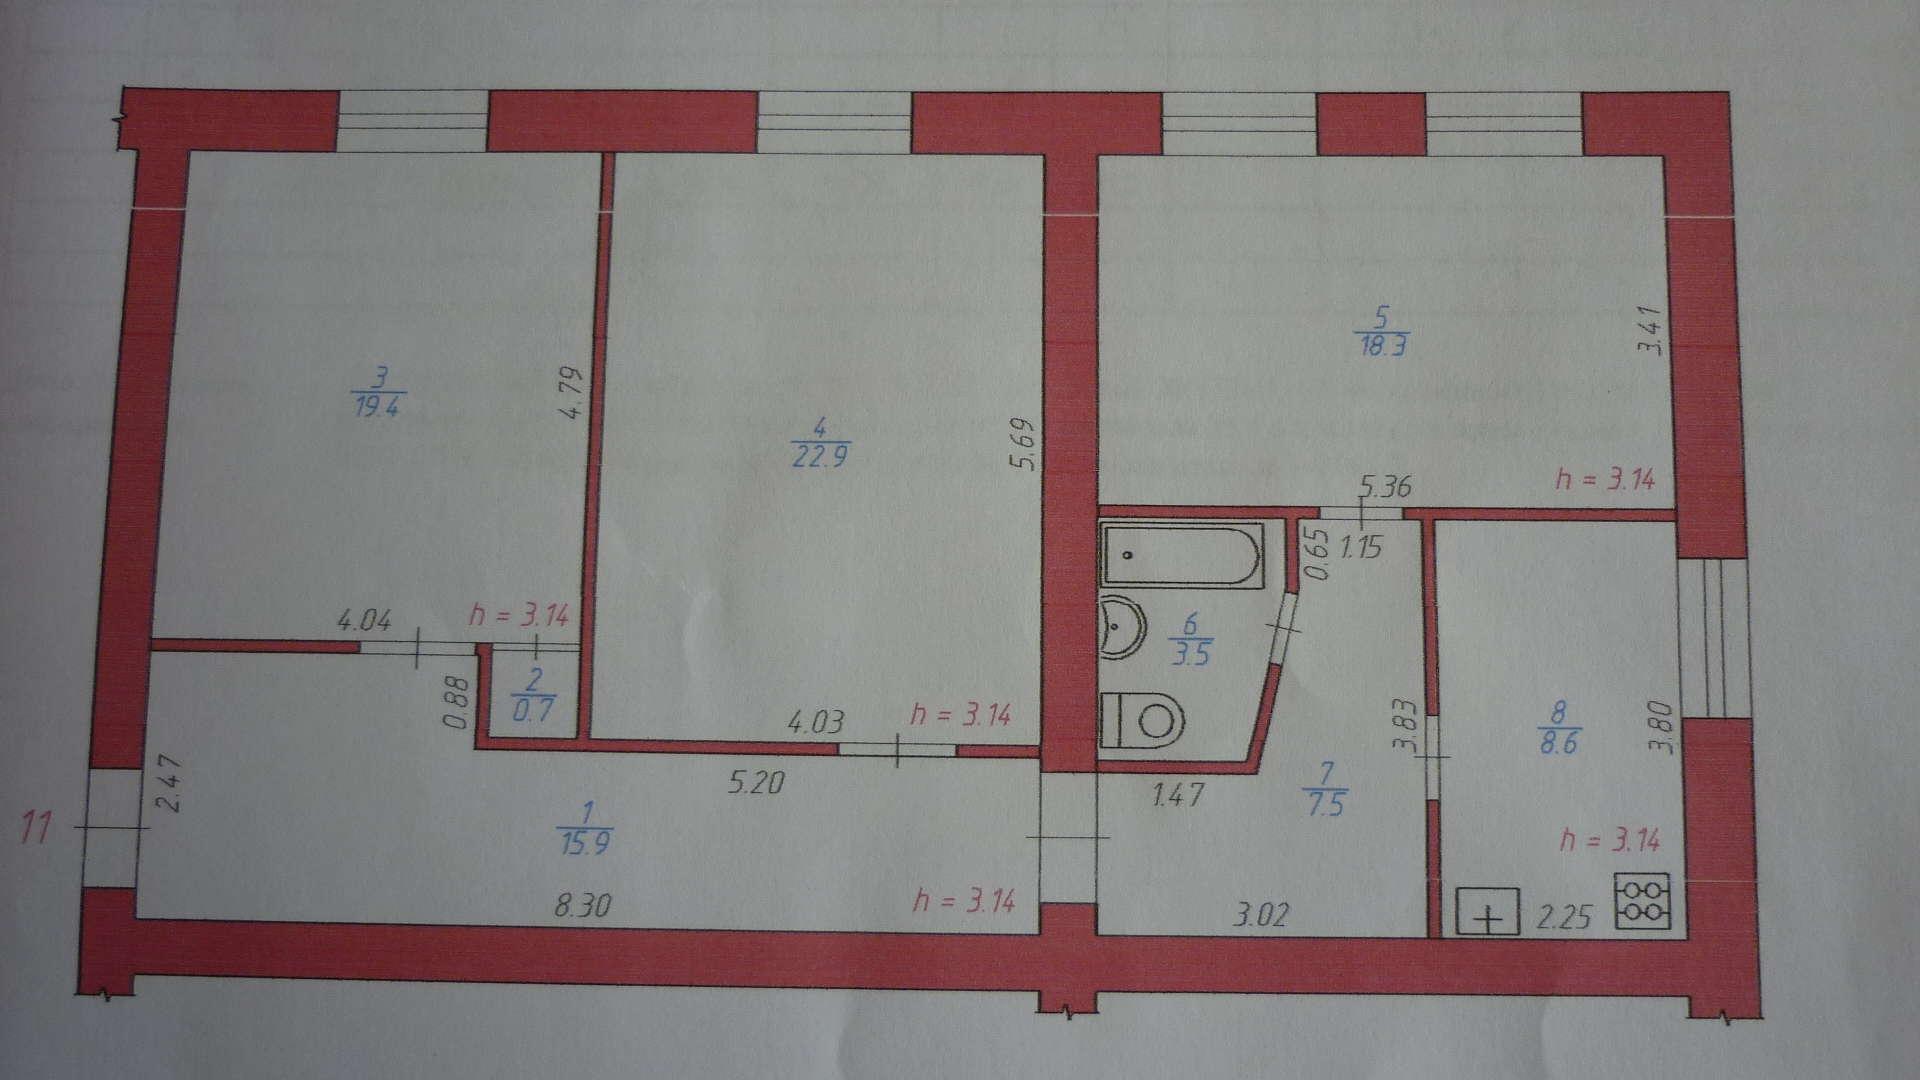 Перепланировка однокомнатной квартиры П-111М: заказать